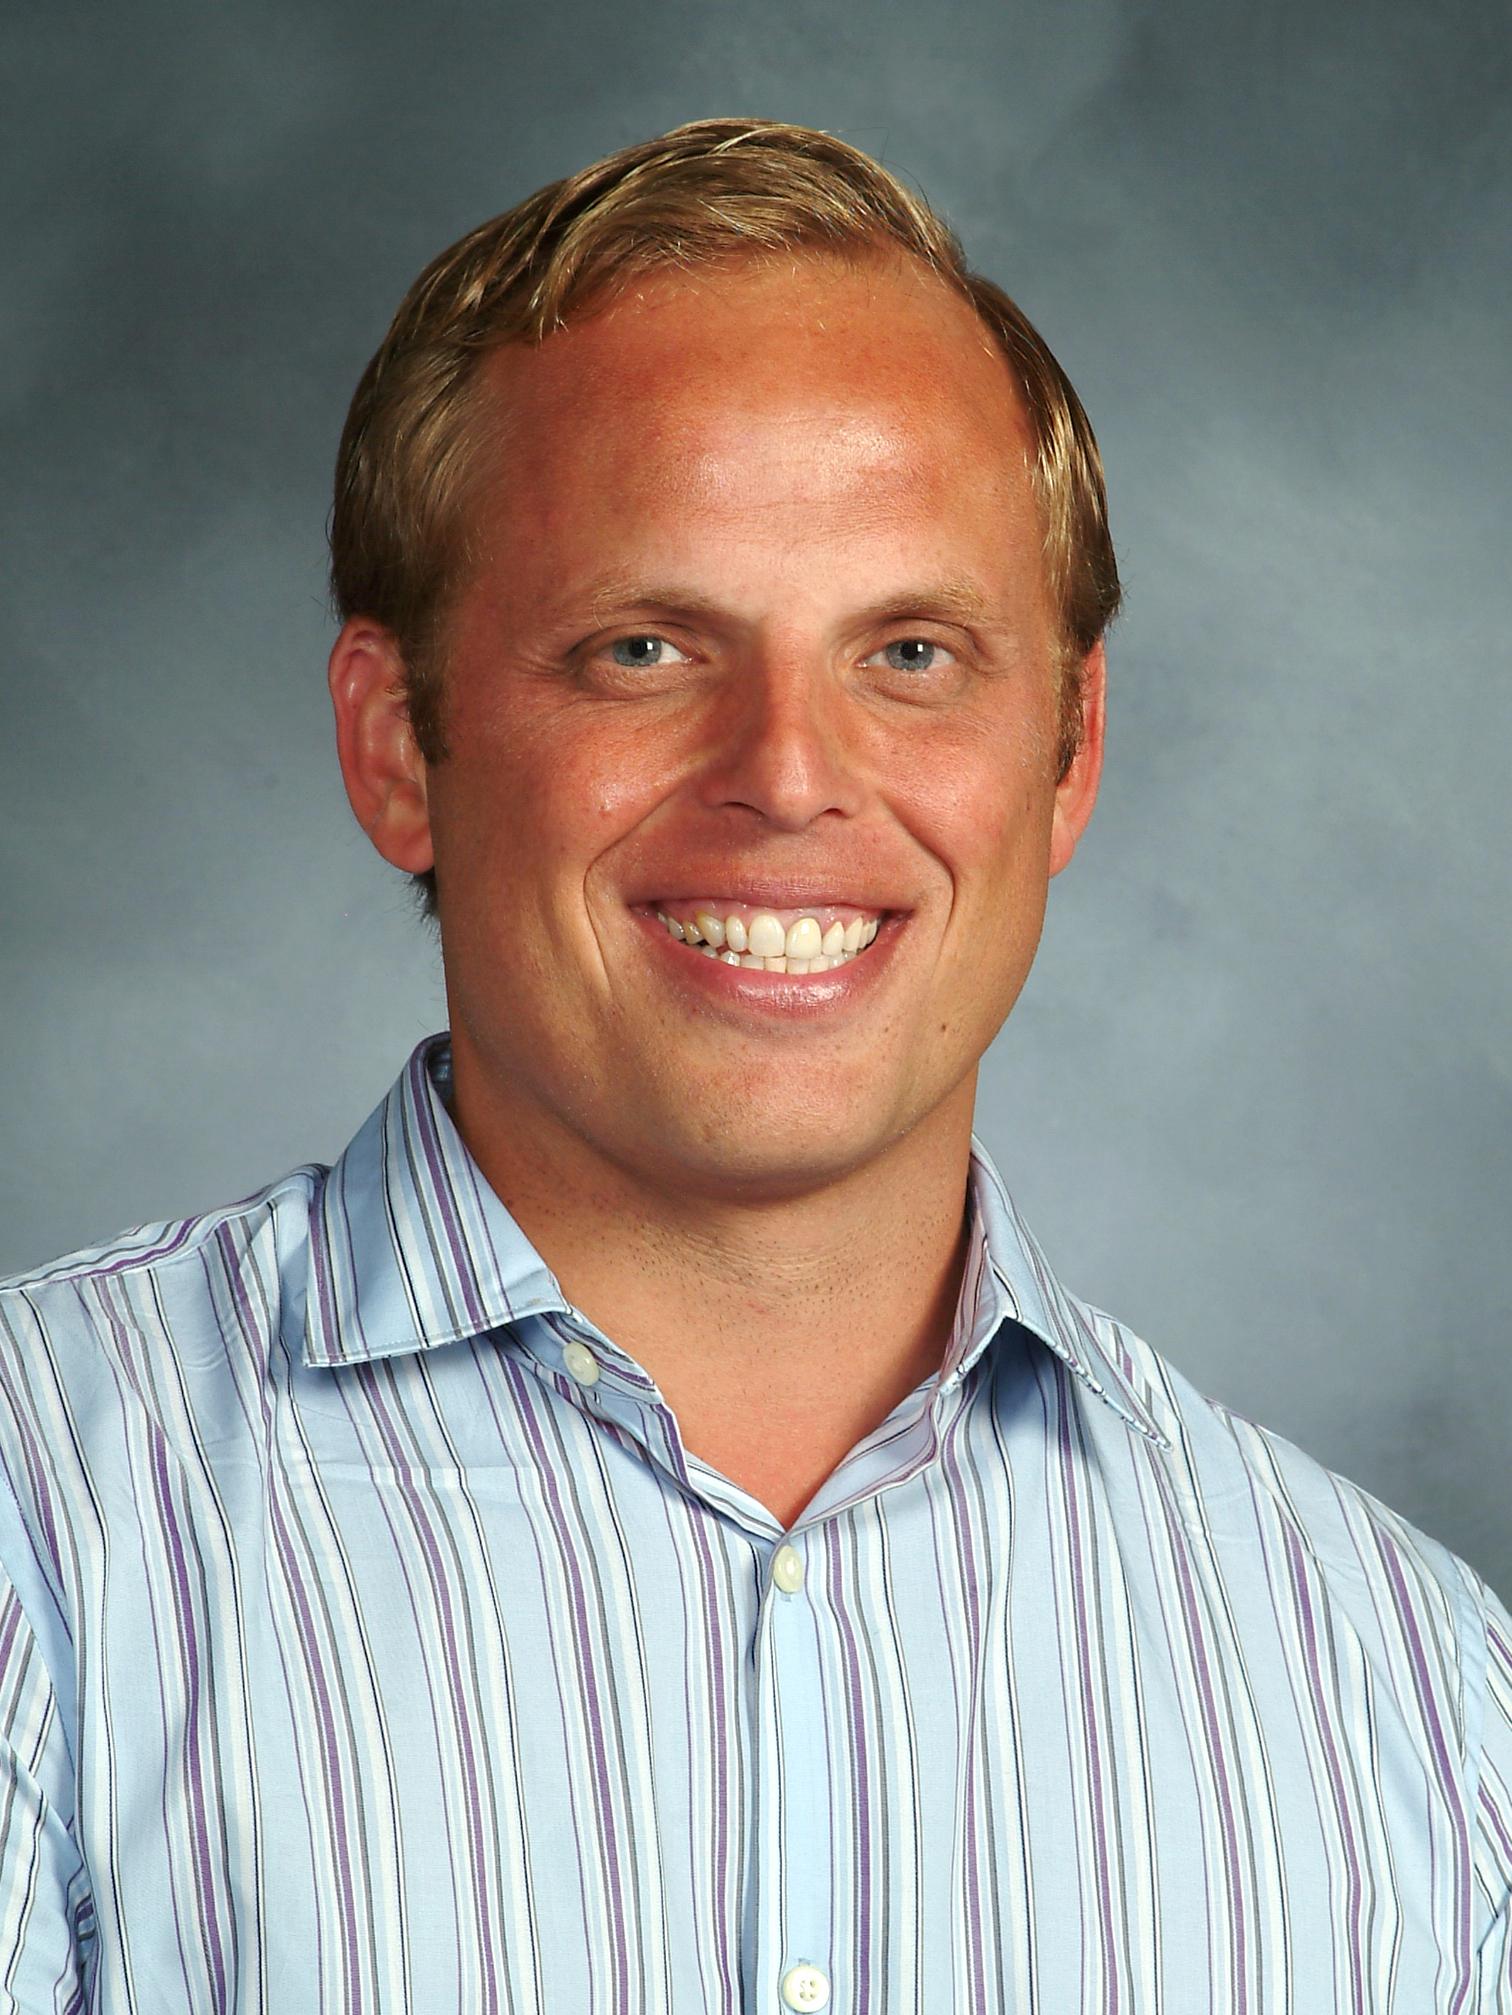 Nicholas Fiore, MS, CRNA